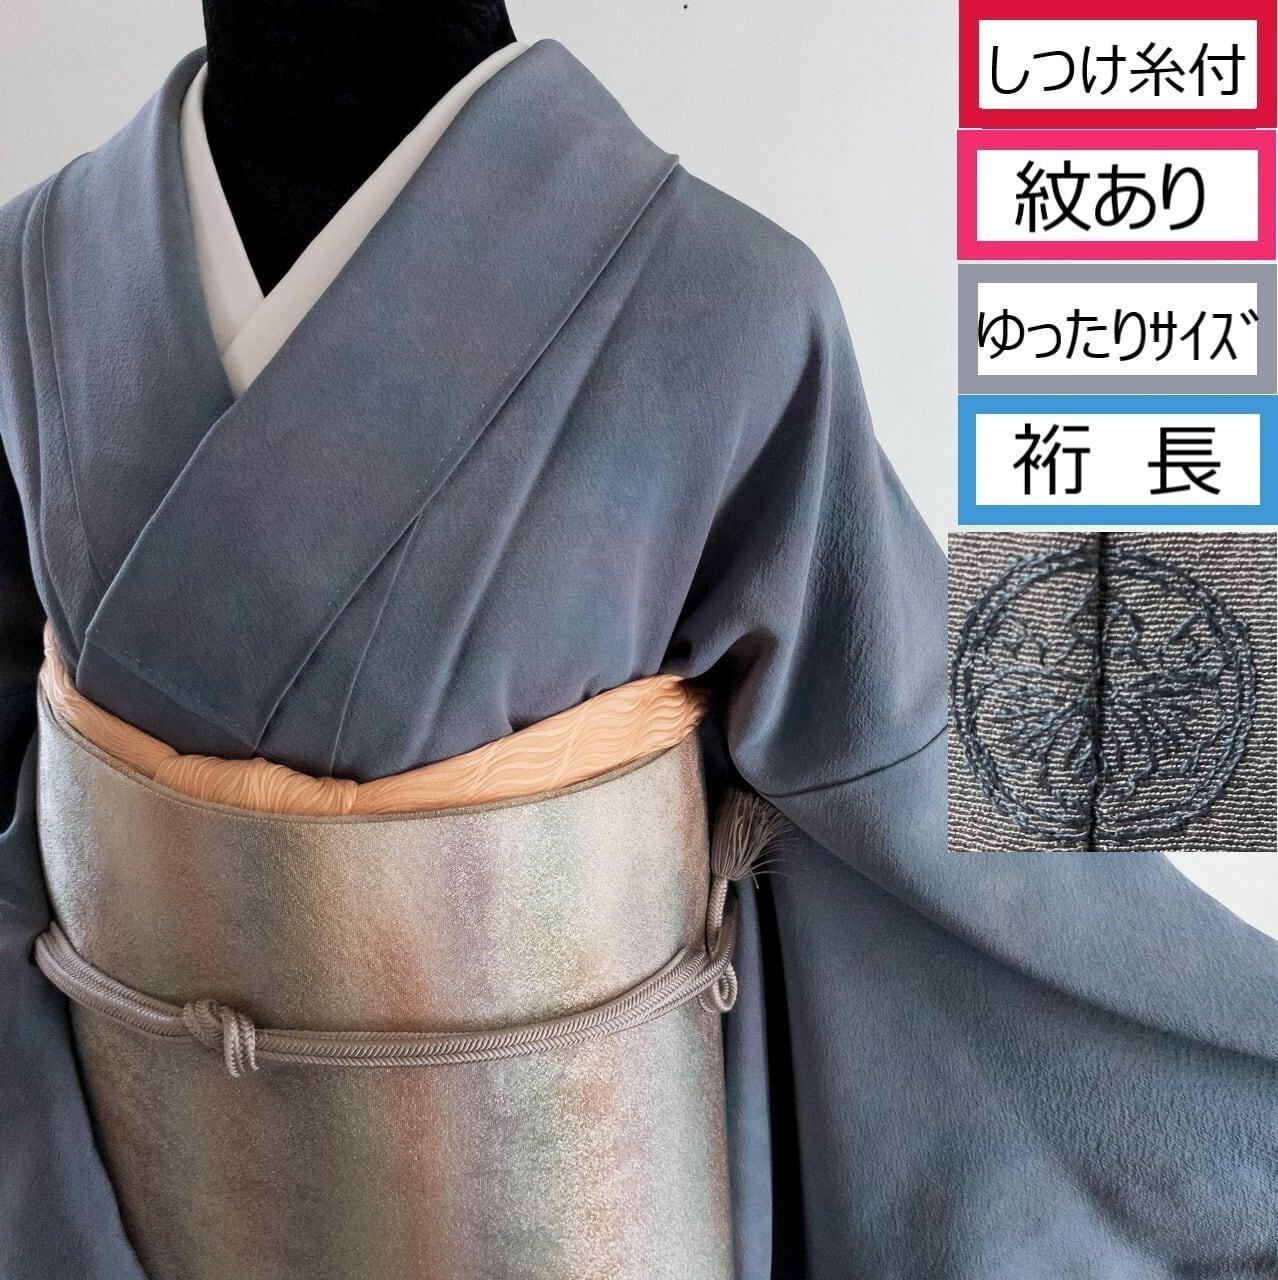 【しつけ付】ゆったり・裄長 色無地一つ紋 袷 縫い紋 ブルーグレーぼかし丈163裄71